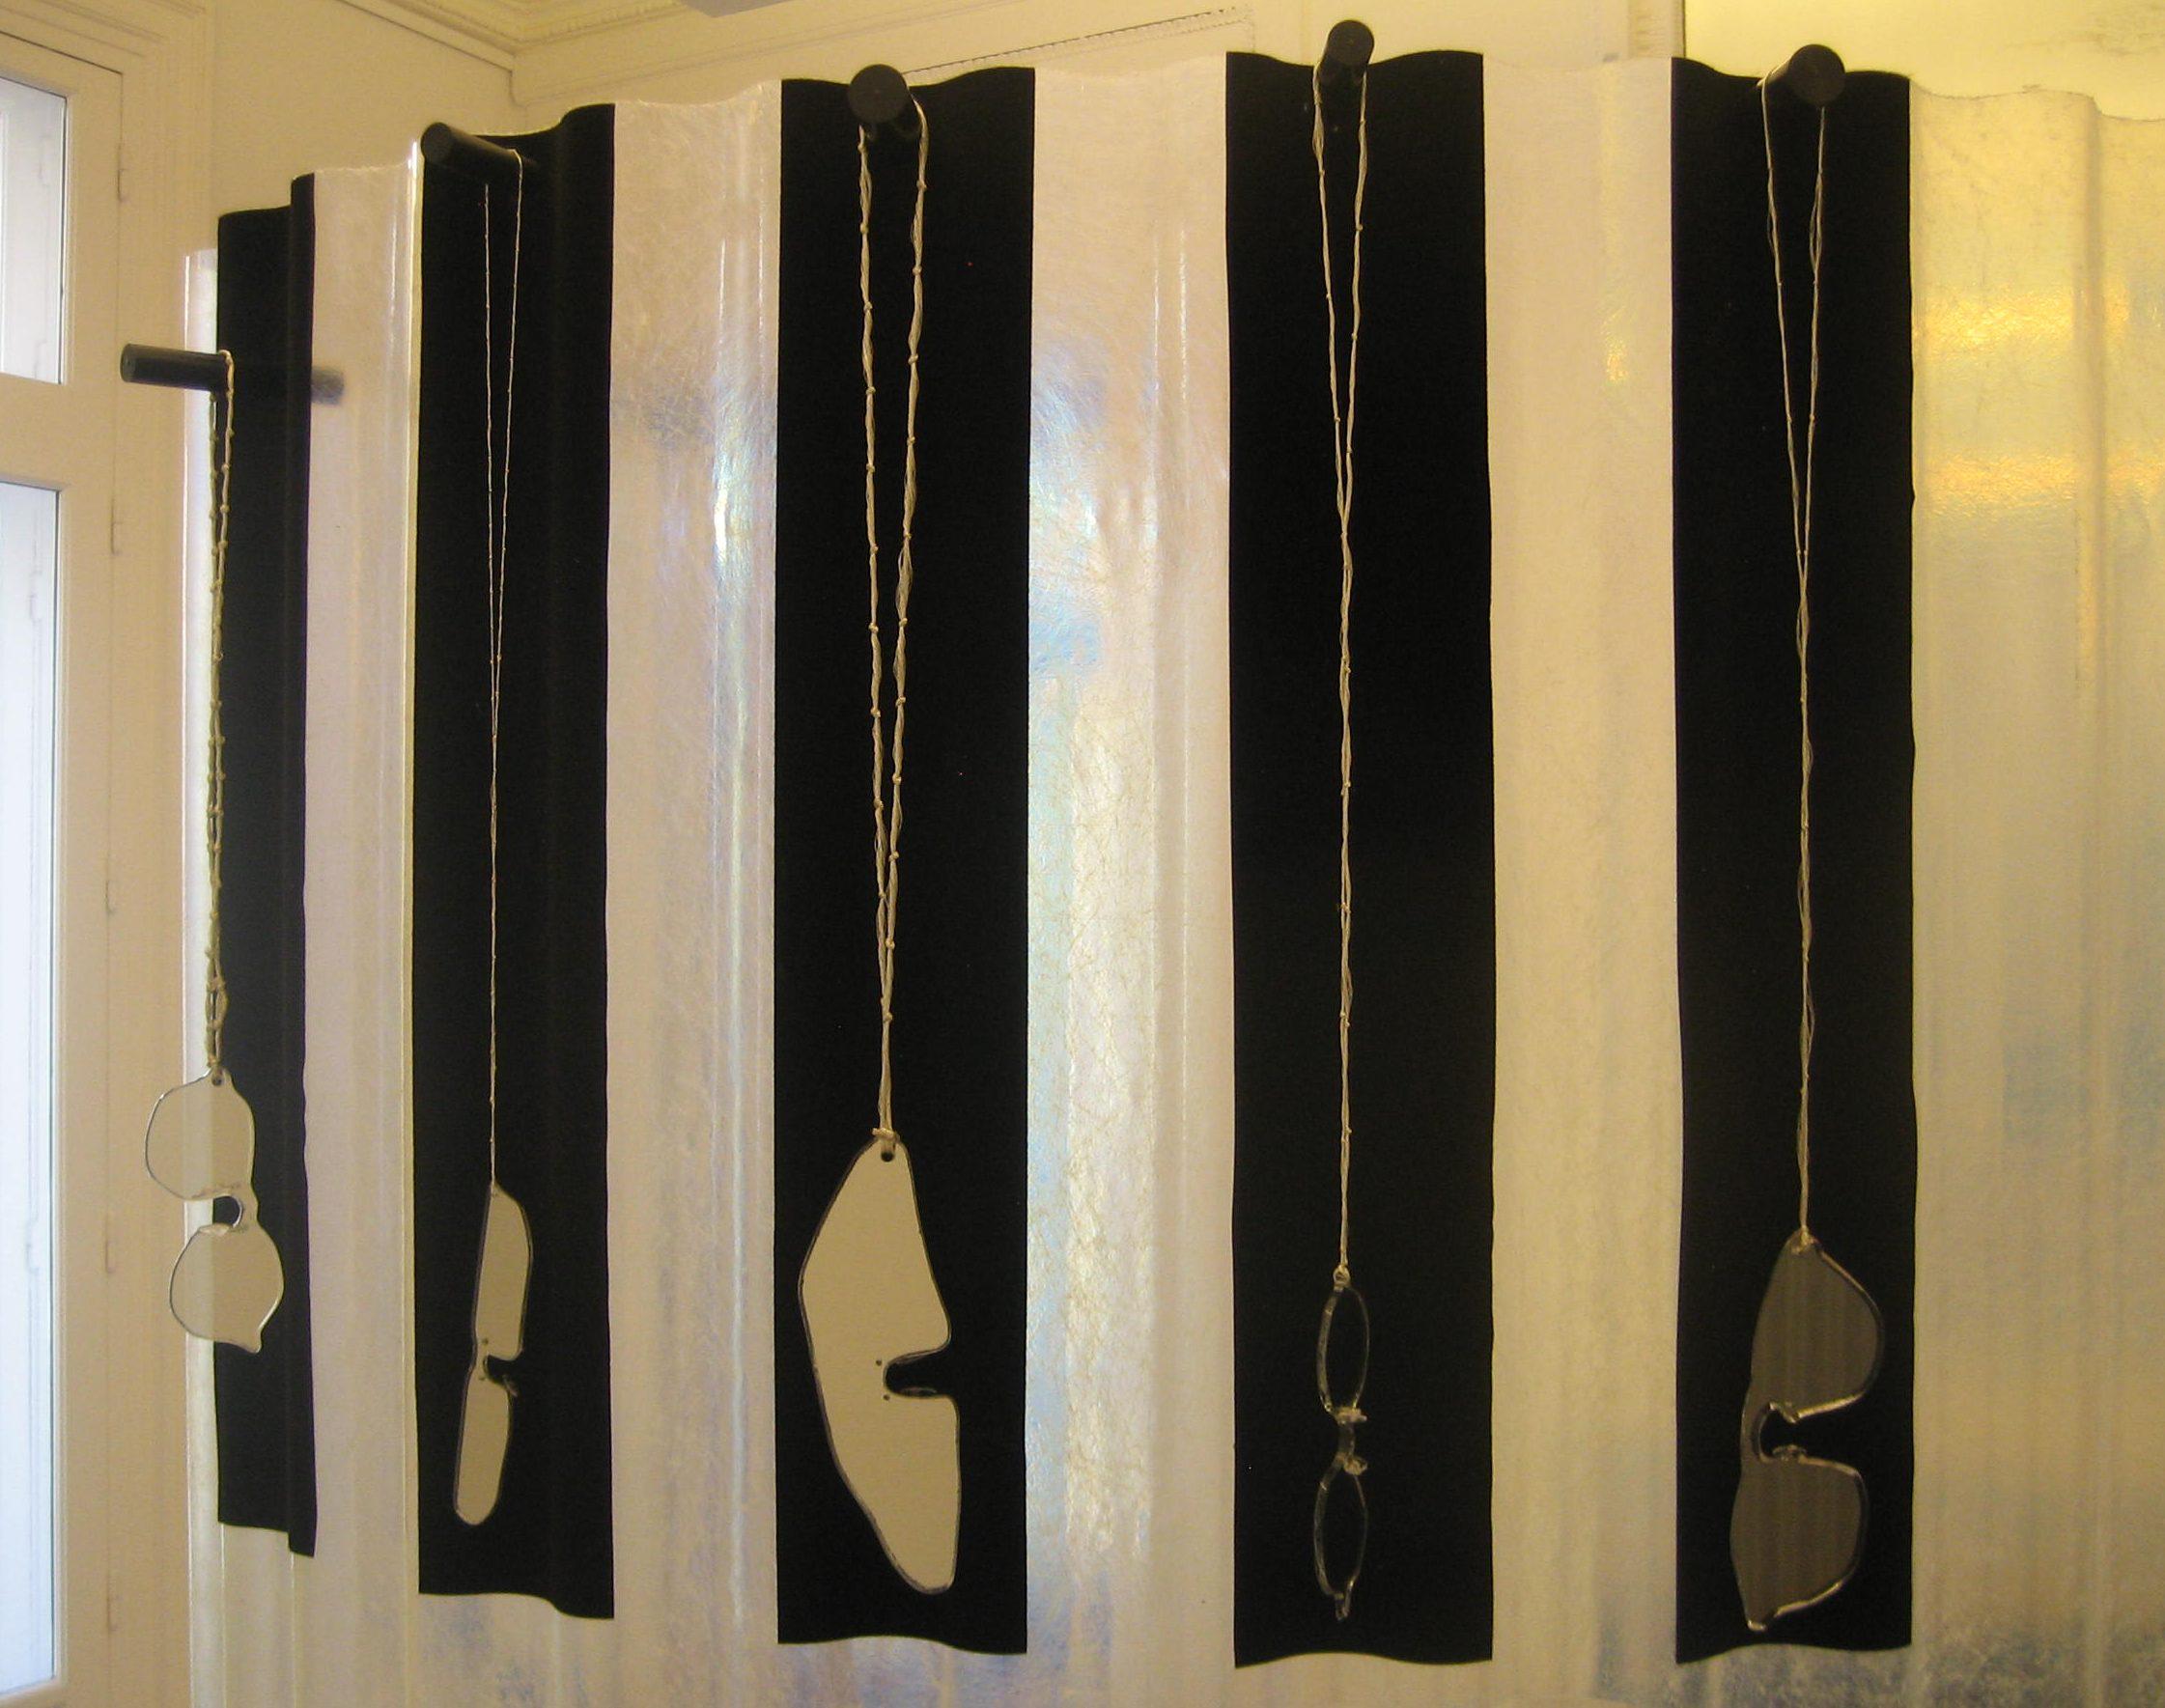 Morgane de Klerk, halssieraden. Stralen & Reflecteren, Atelier Néerlandais, Parijs, oktober 2017, tentoonstelling